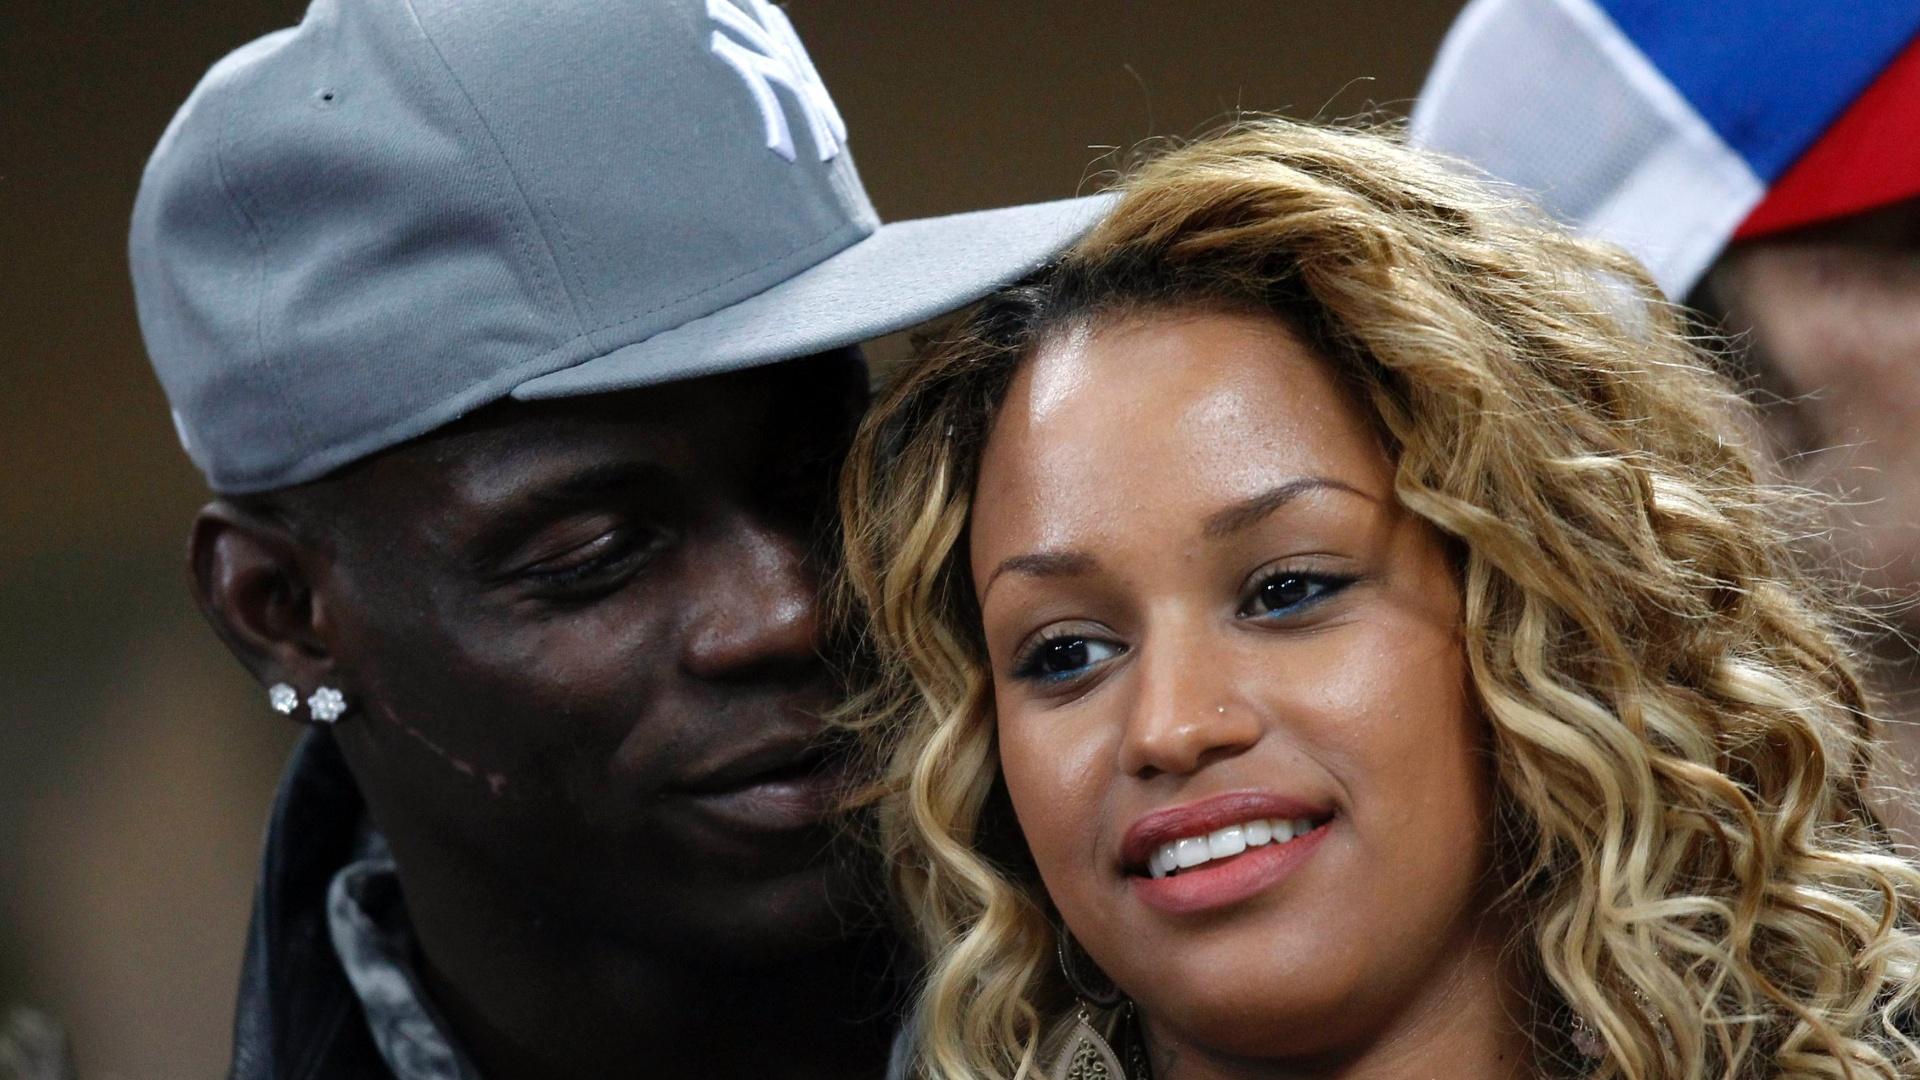 20.fev.2013 - Fora da partida, o atacante Balotelli, do Milan, torce ao lado de sua namorada, a modelo Fanny Robert Neguesha